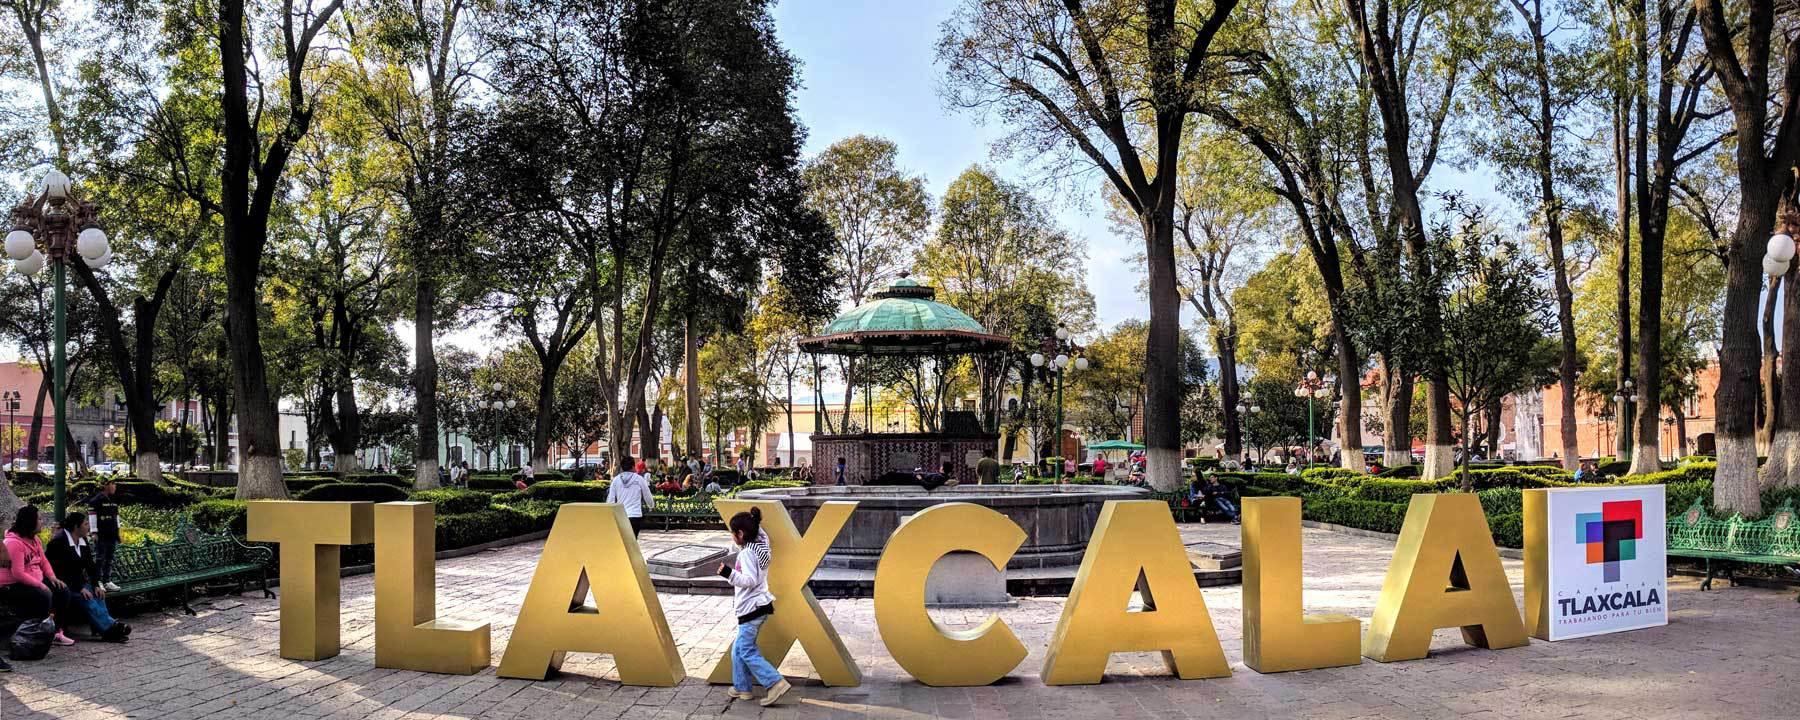 Empleo formal en Tlaxcala se incrementa de manera constante